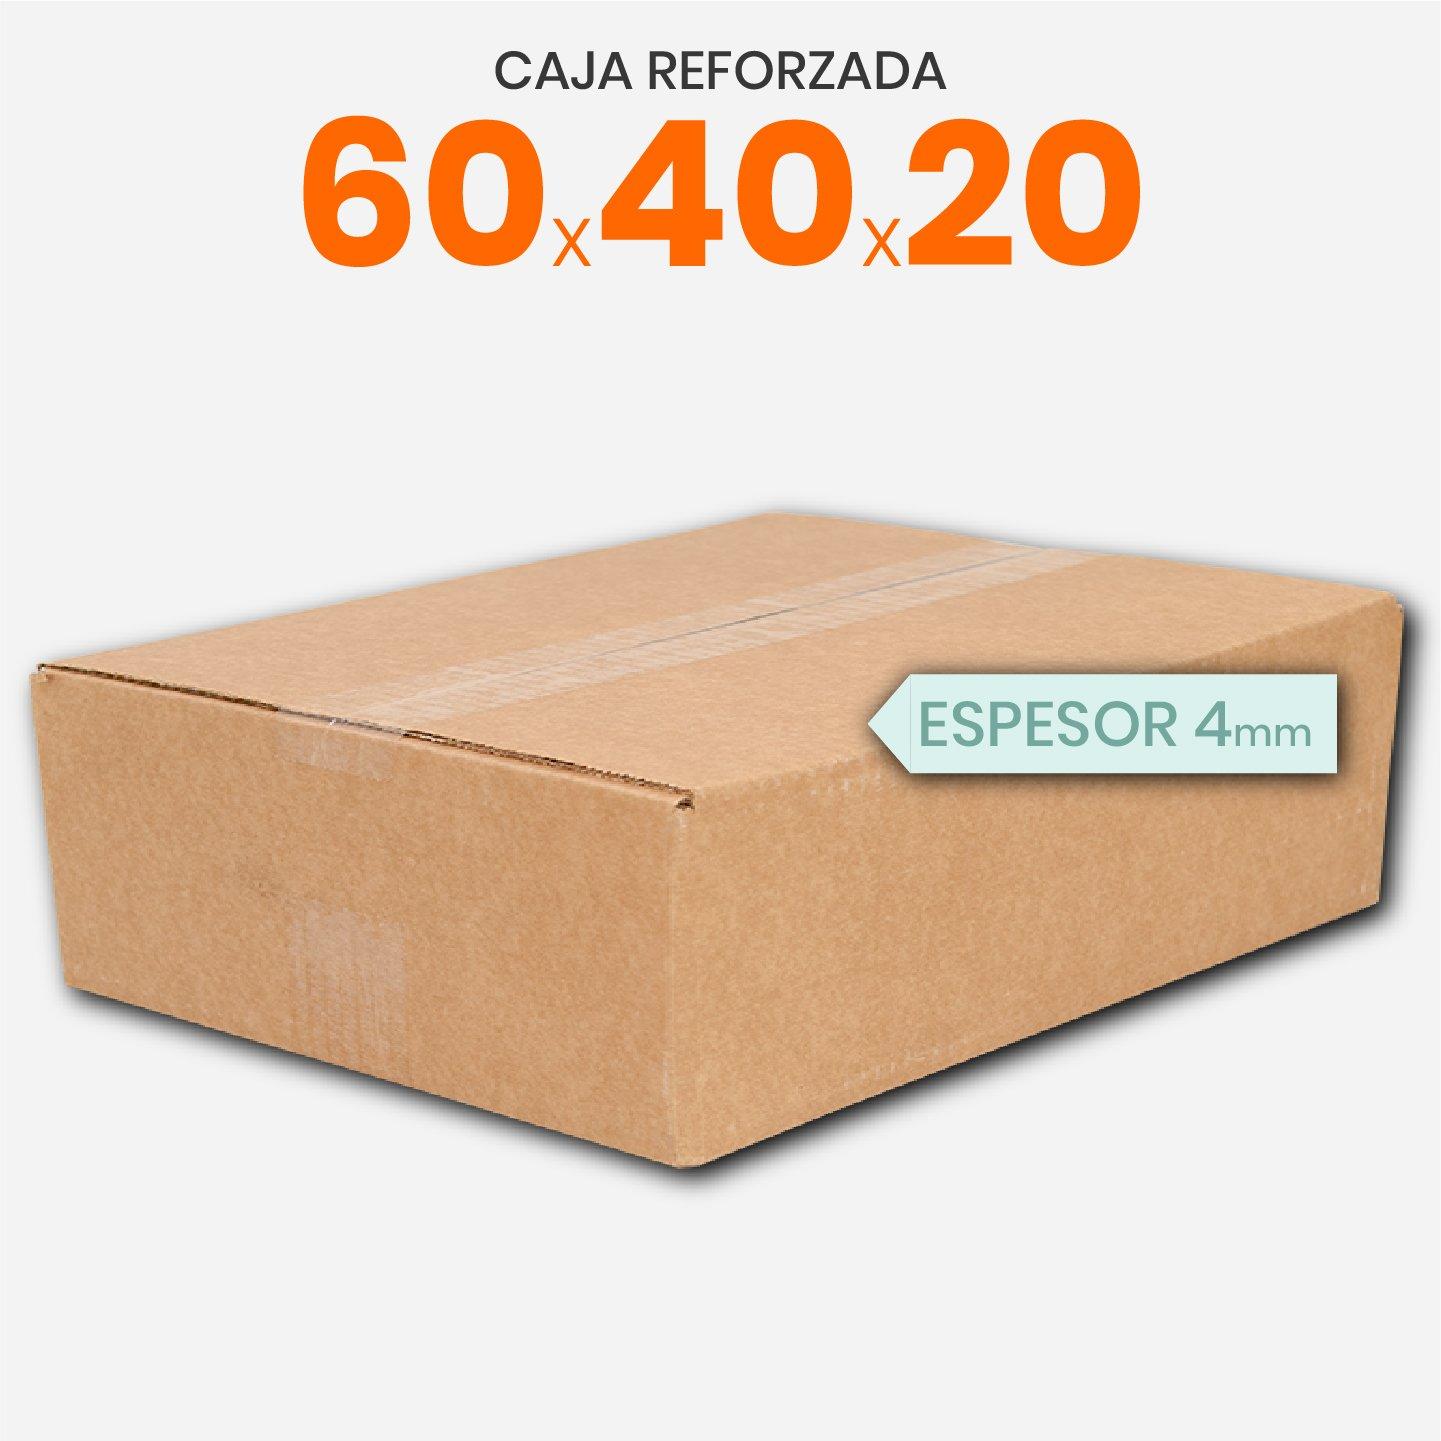 Caja De Cartón Corrugado Reforzada 60x40x20